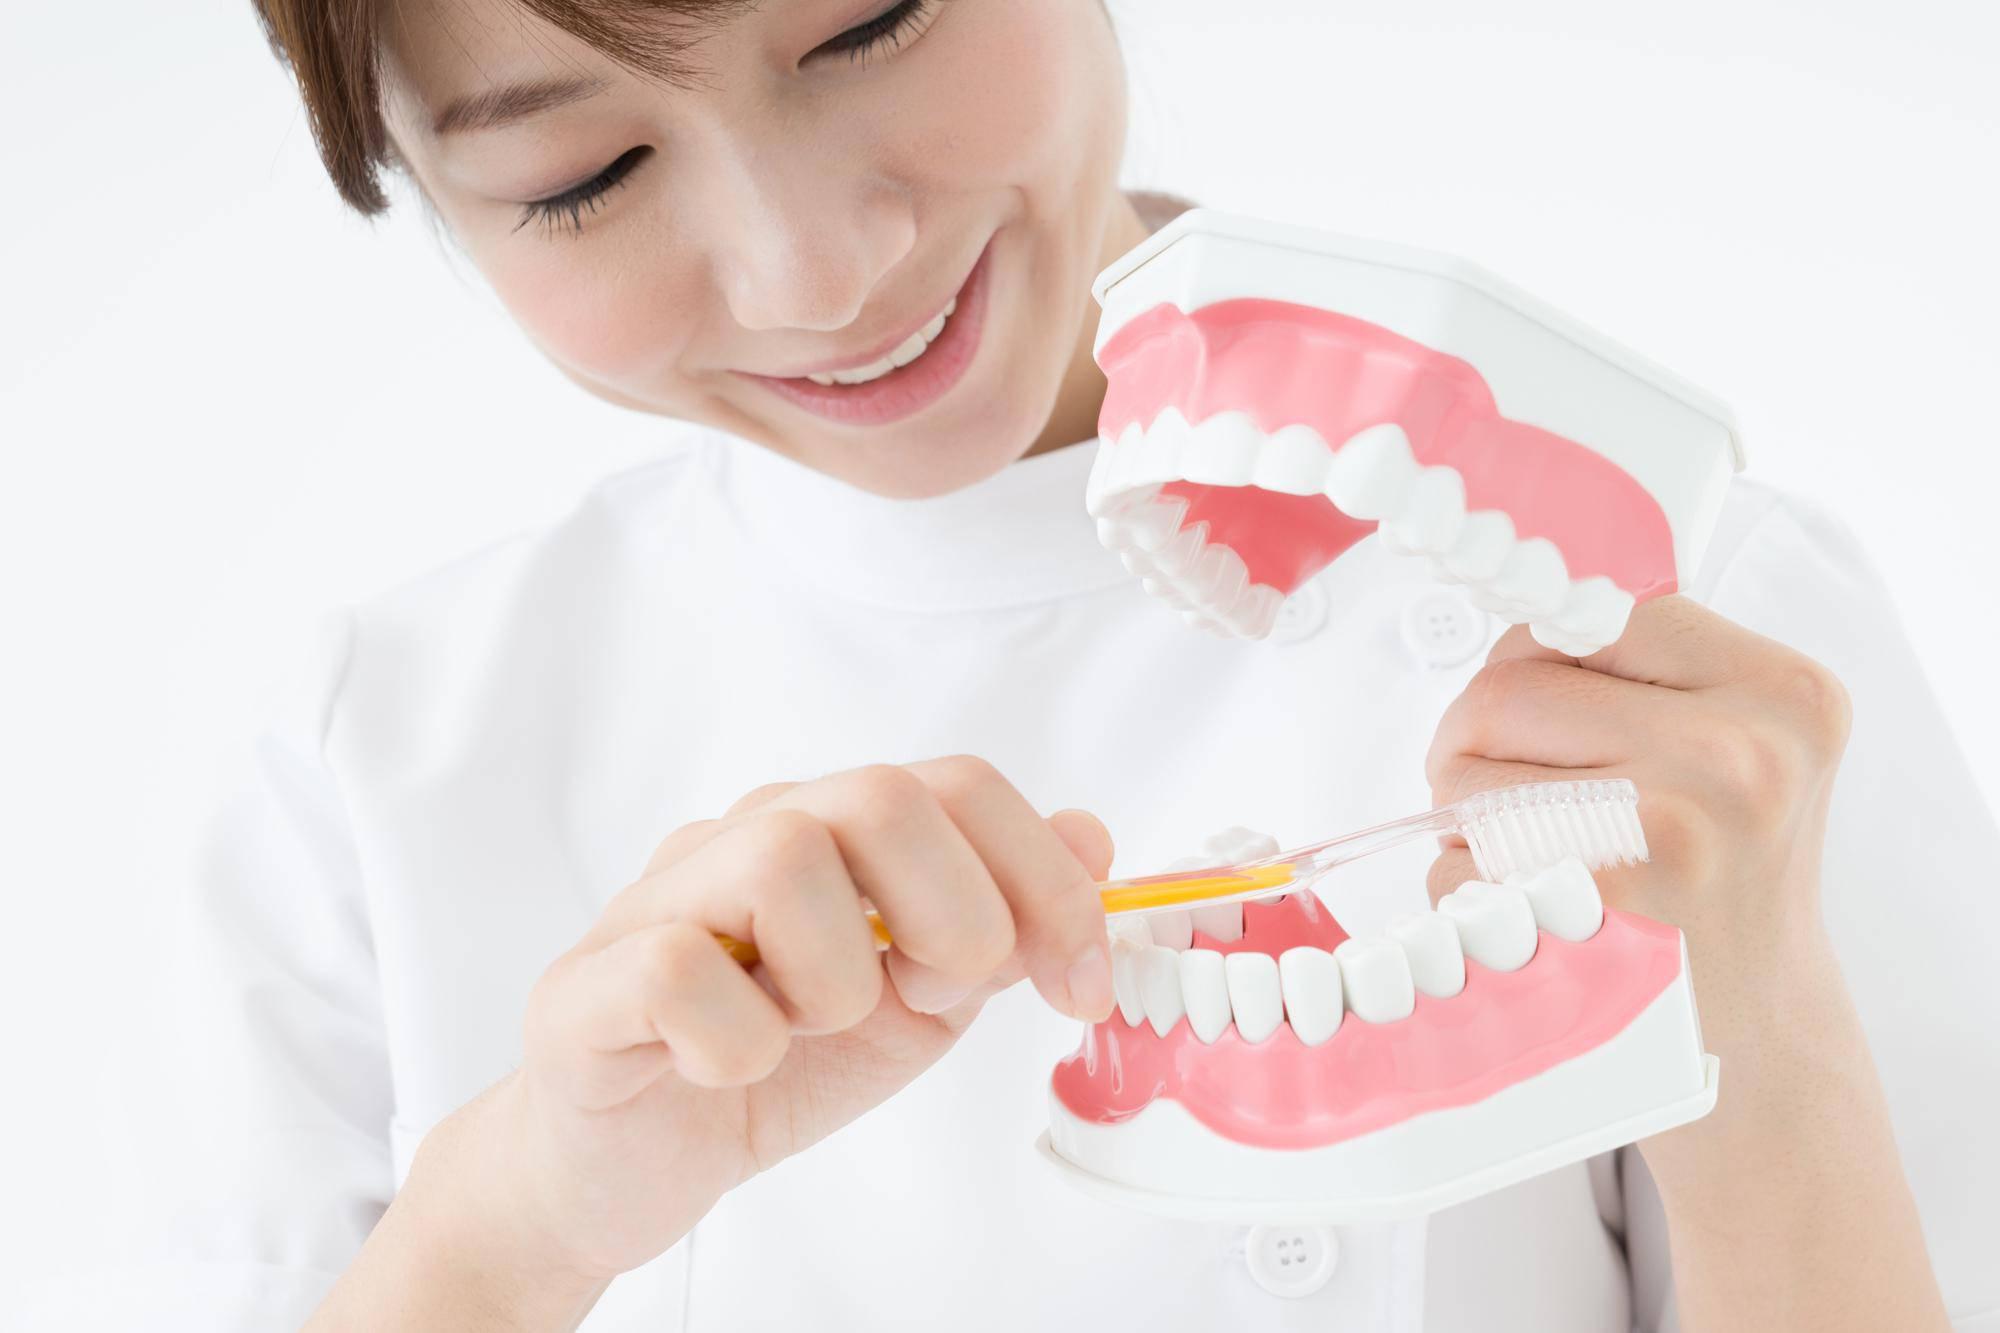 歯磨き指導する歯科衛生士